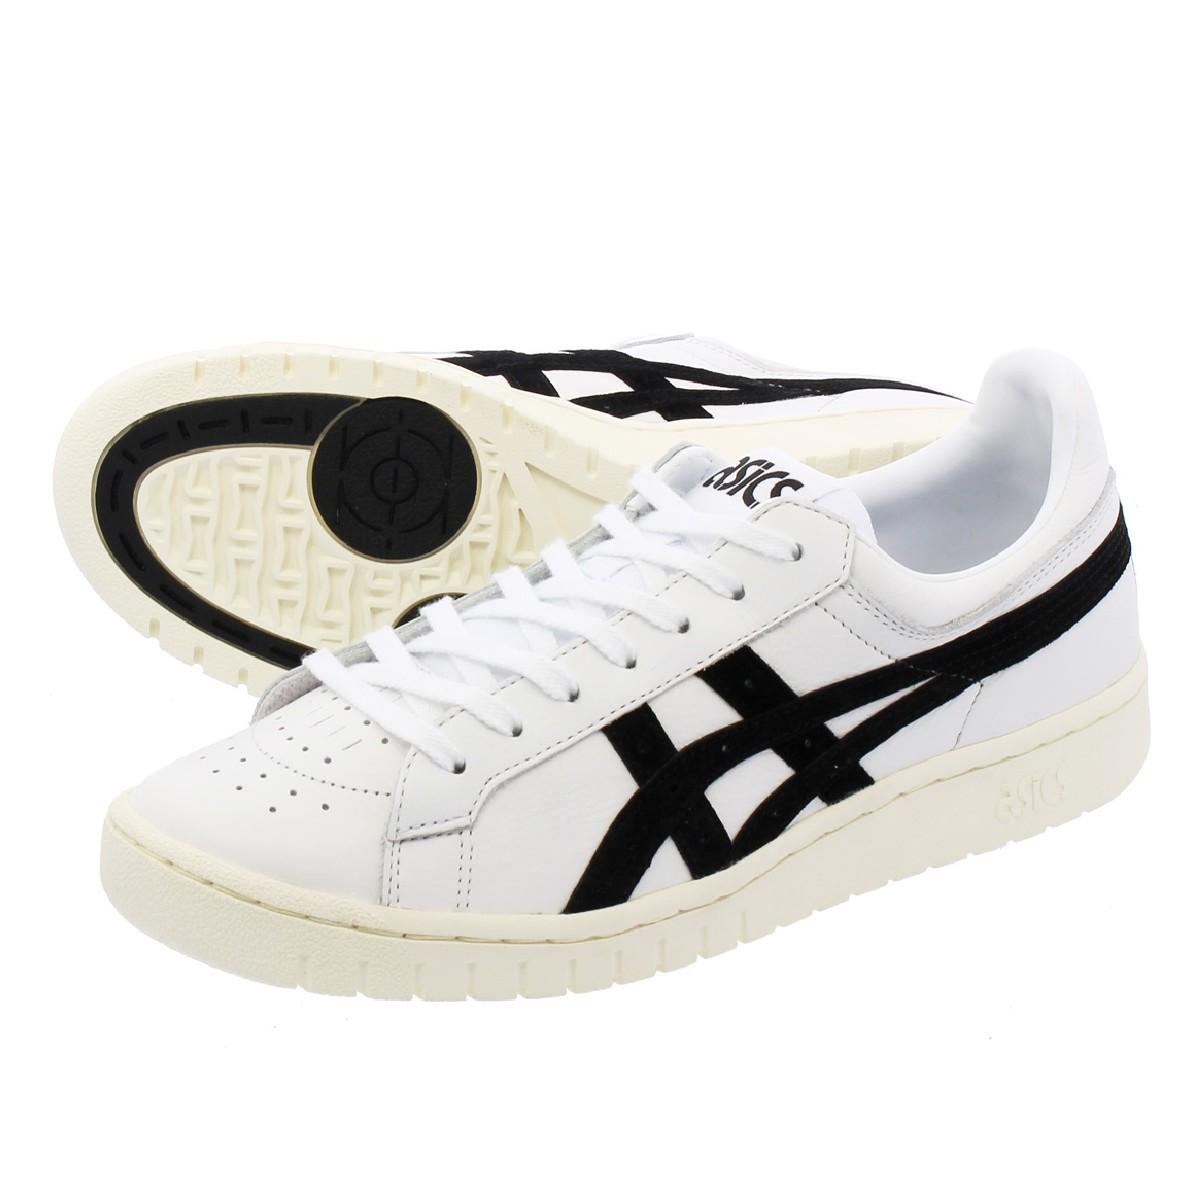 ASICS Tiger GEL-PTG アシックス タイガー ゲル PTG WHITE/BLACK